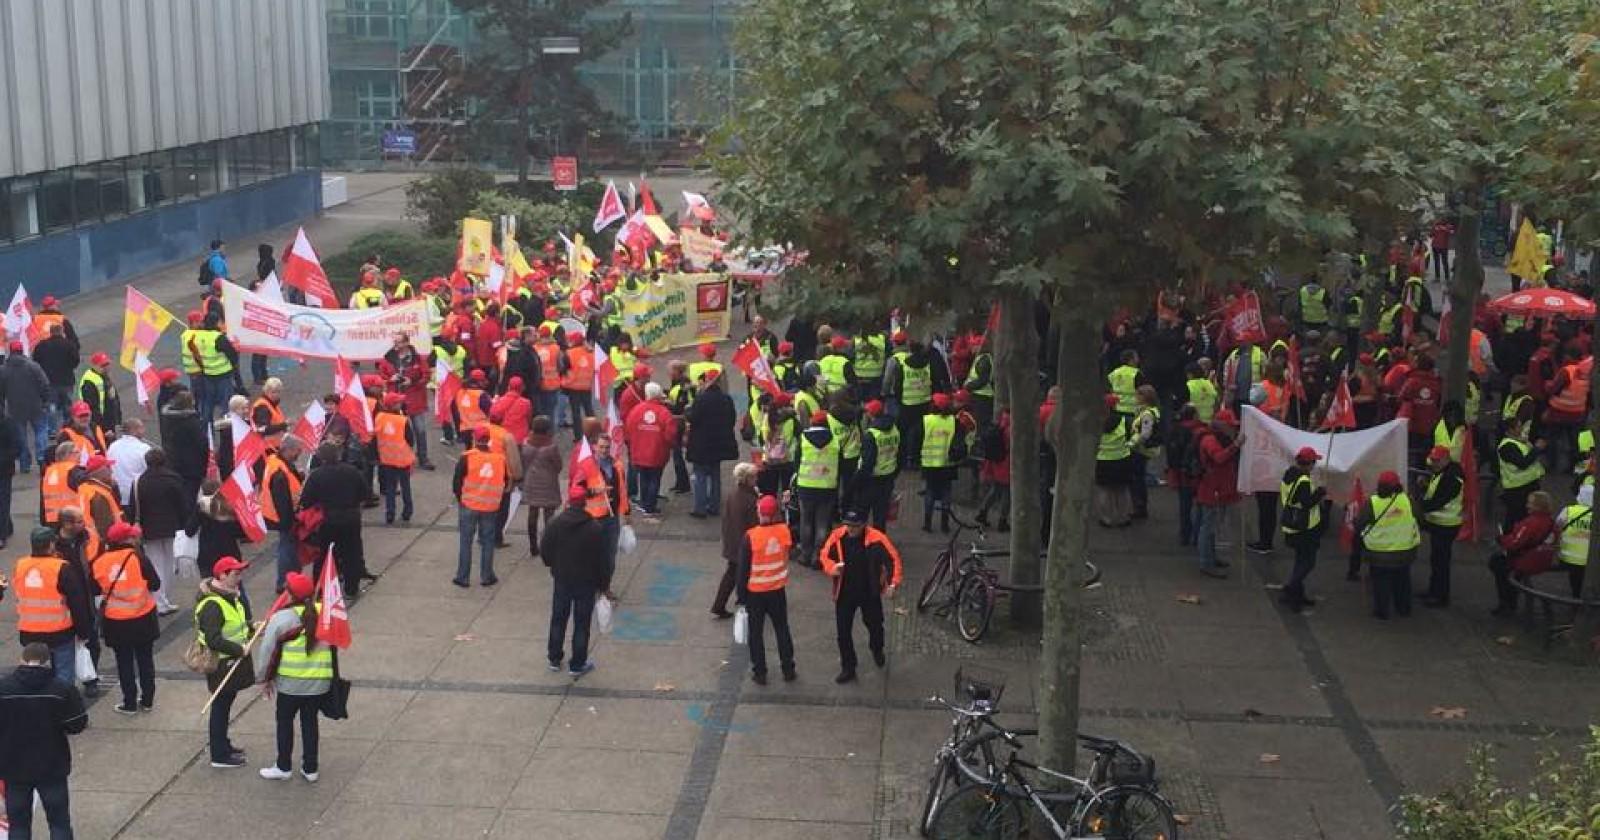 +++ Frankfurt live 11: 50 Uhr - Demo-Strecke wird für öffentlichen Personen Nahverkehr komplett gesperrt